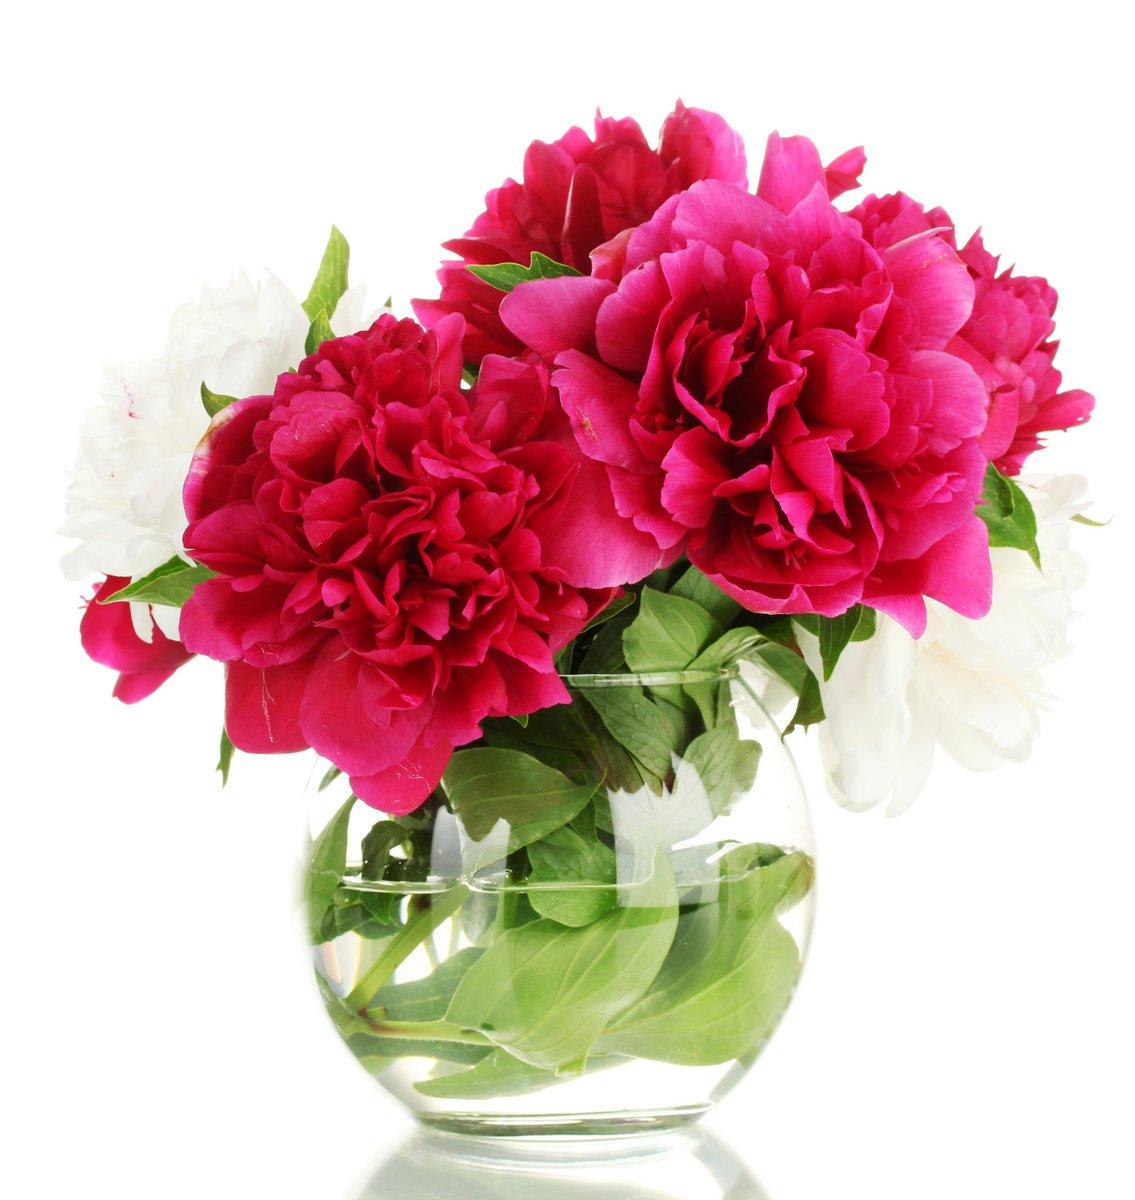 Постер Пионы Красивые розовые пионы в стеклянной вазе, изолированных на беломПионы<br>Постер на холсте или бумаге. Любого нужного вам размера. В раме или без. Подвес в комплекте. Трехслойная надежная упаковка. Доставим в любую точку России. Вам осталось только повесить картину на стену!<br>